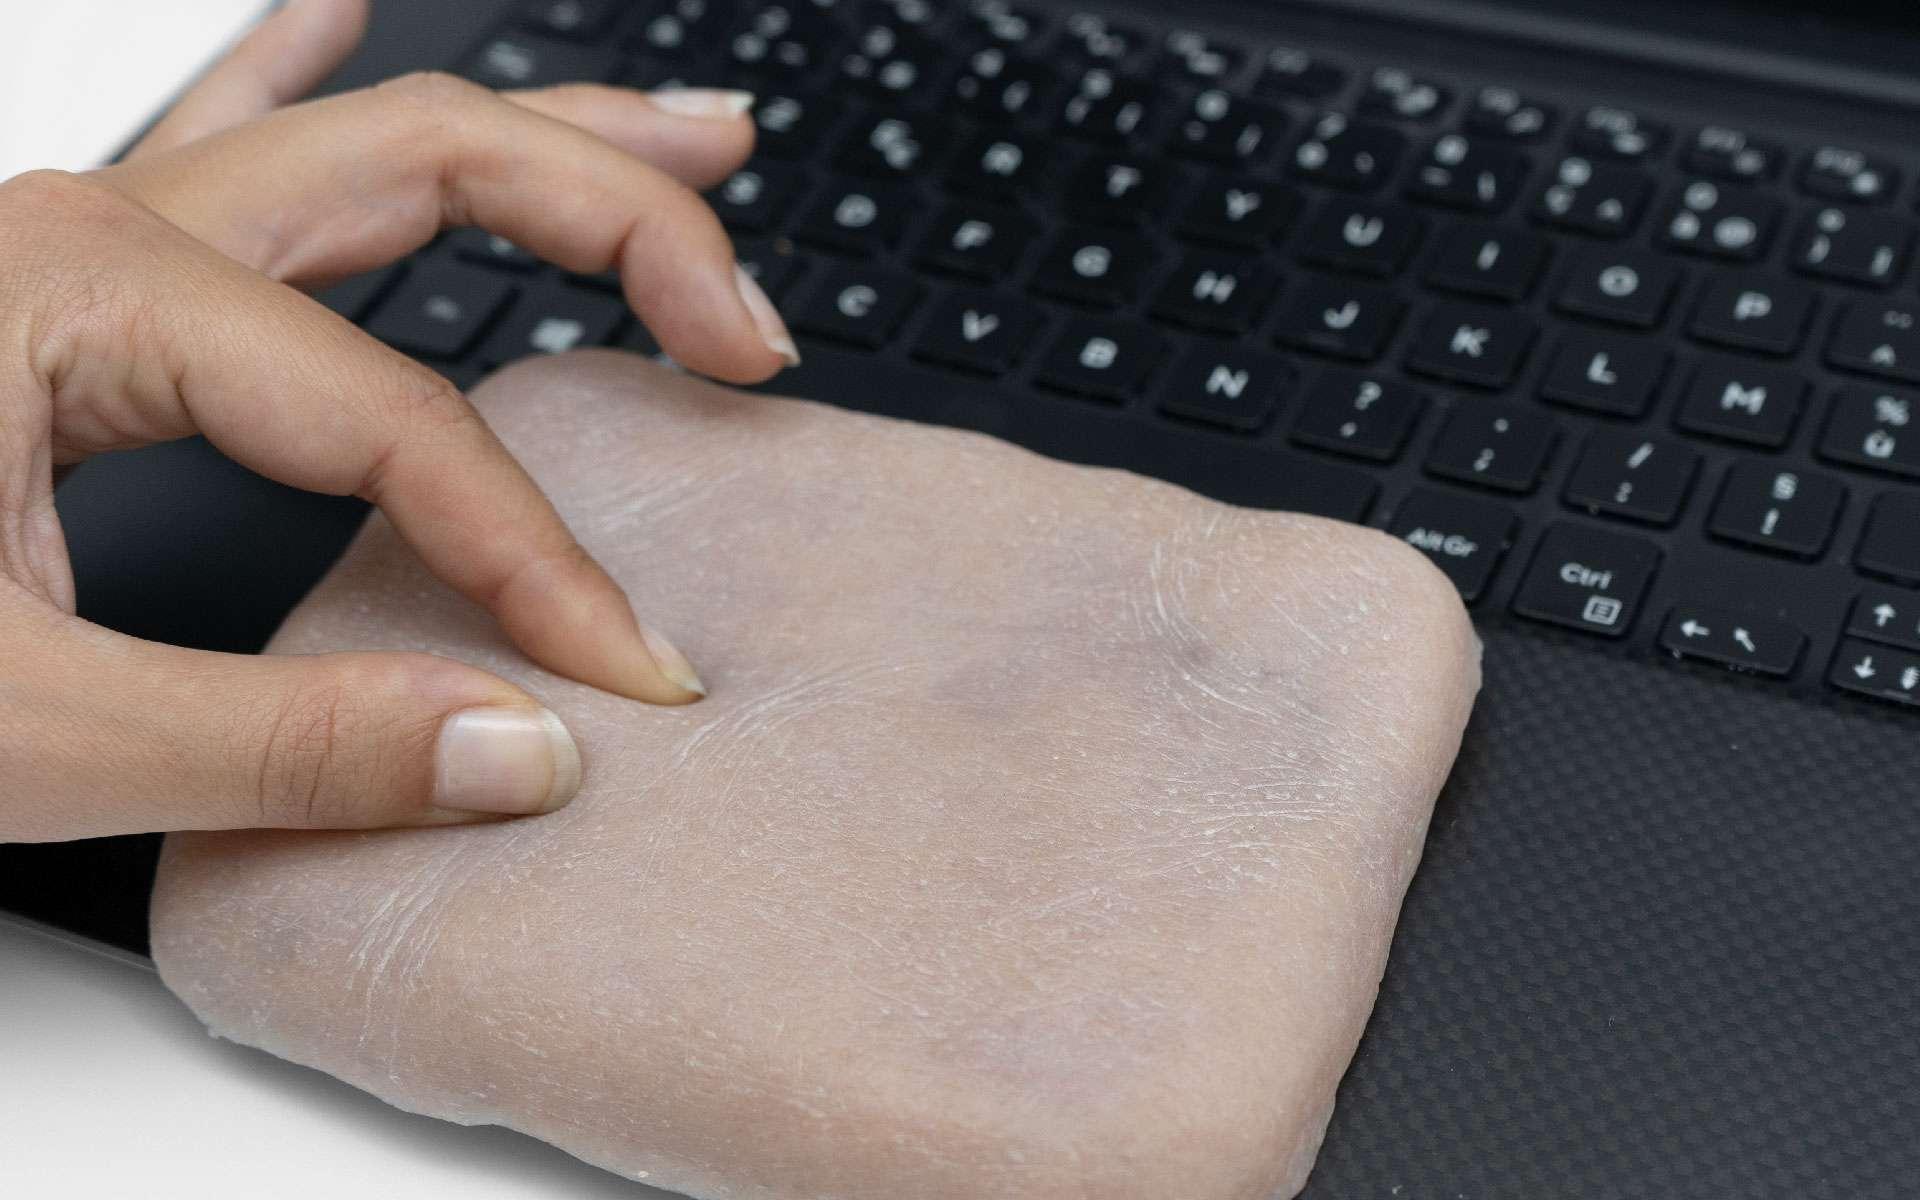 Cette surface pourrait bientôt remplacer les pavés tactiles des ordinateurs portables. © Marc Teyssier